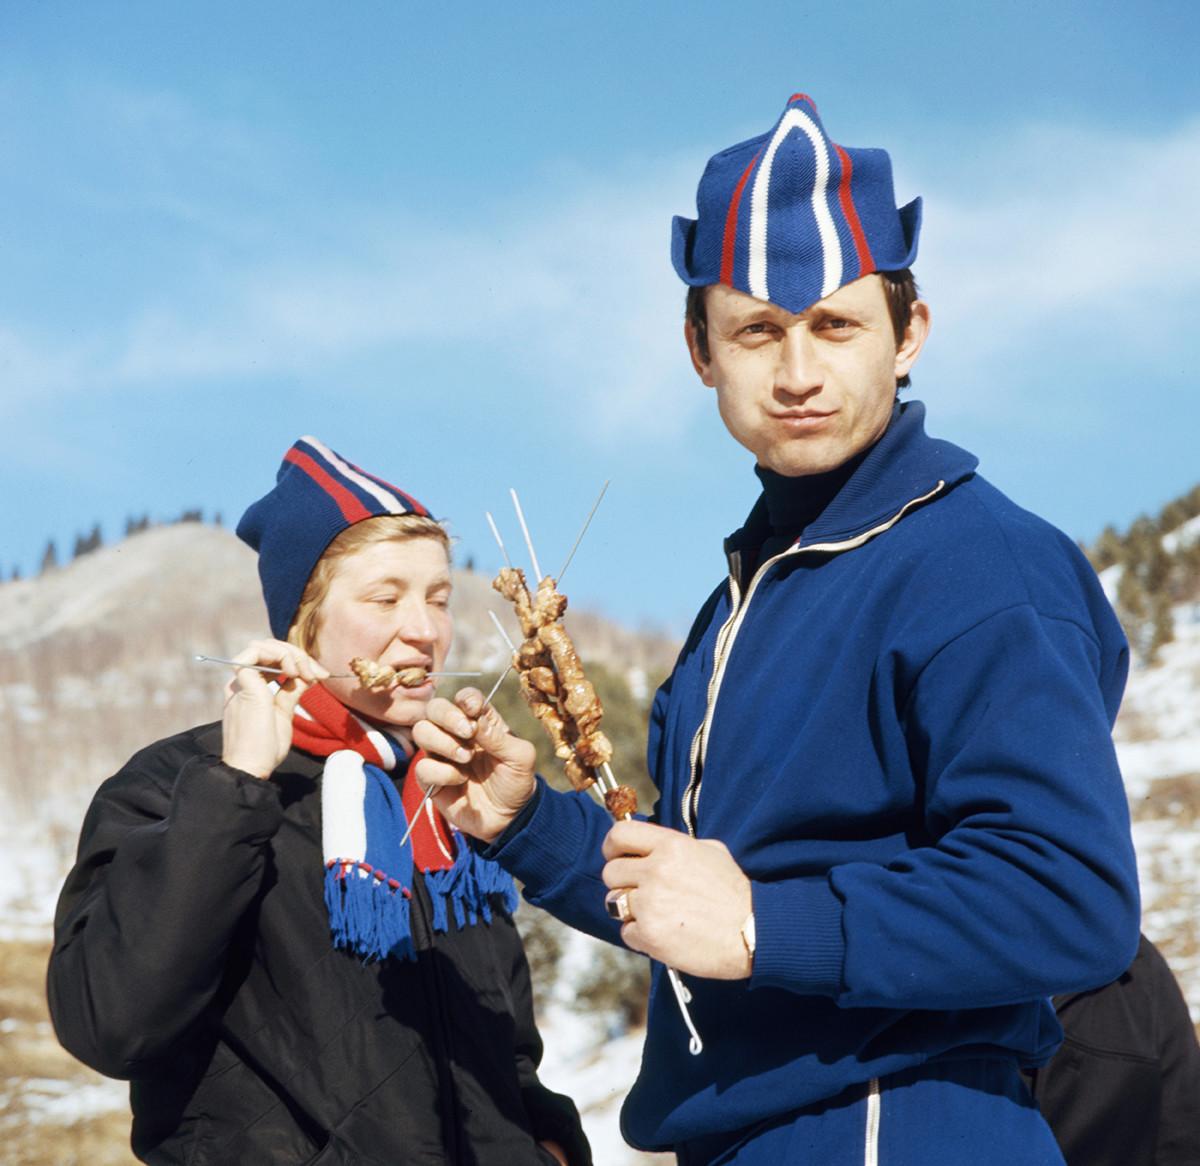 Alma-Ata, Cazaquistão soviético. Membros da seleção nacional de patinação de velocidade da URSS Liudmila Fechina e Valeri Kaplan durante descanso em Medeo, 1970